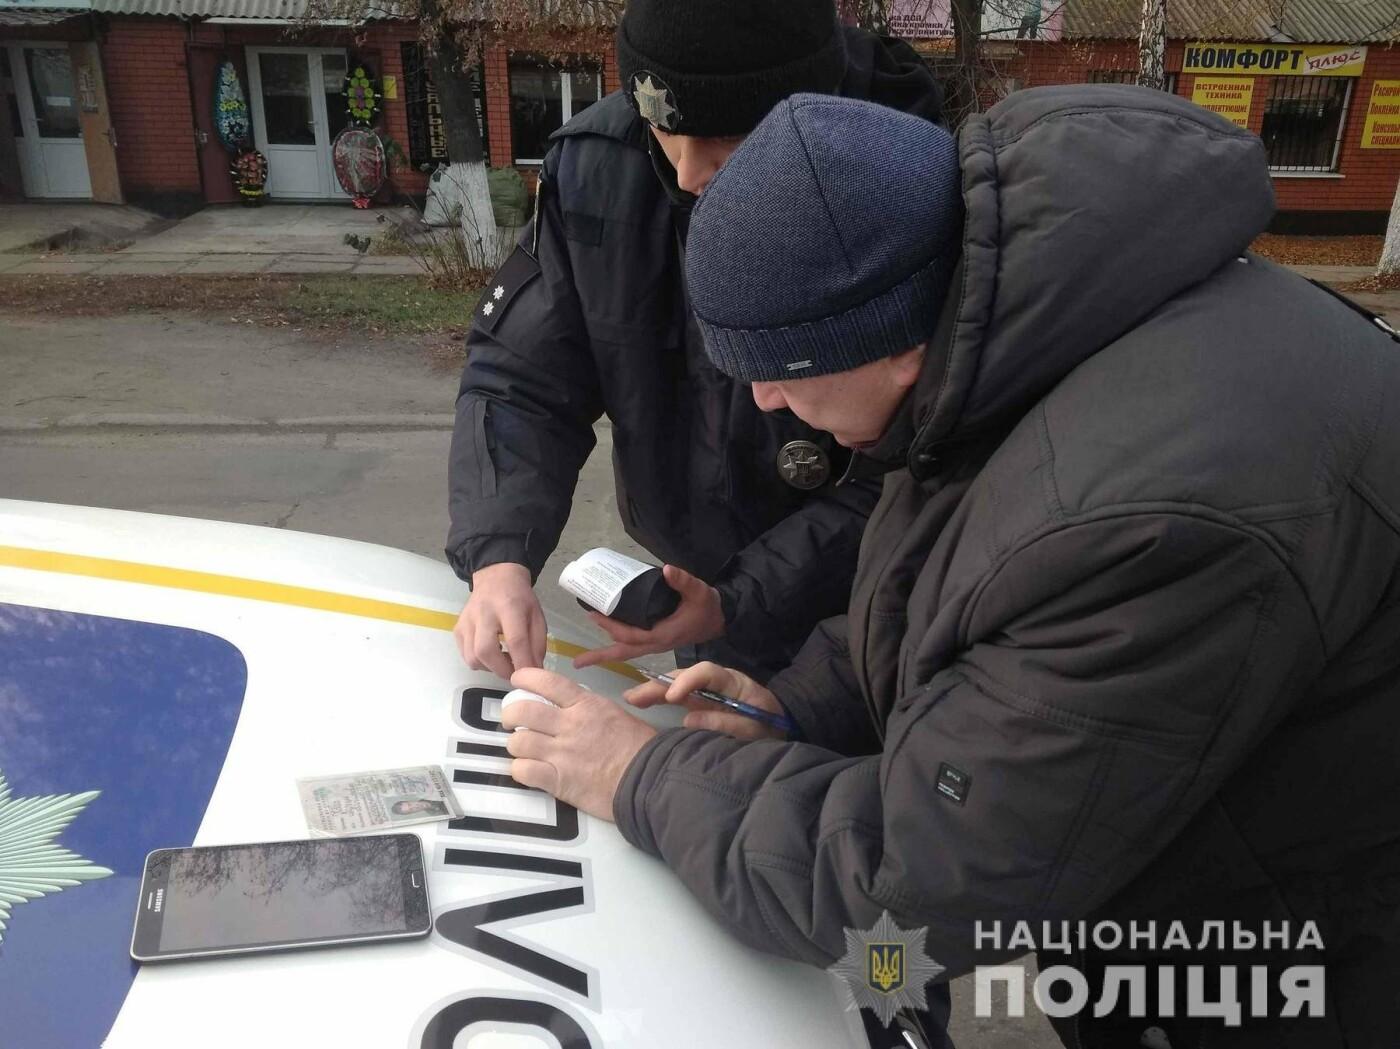 Выписывают штраф за две минуты: у каменских полицейских появились термопринтеры , фото-4